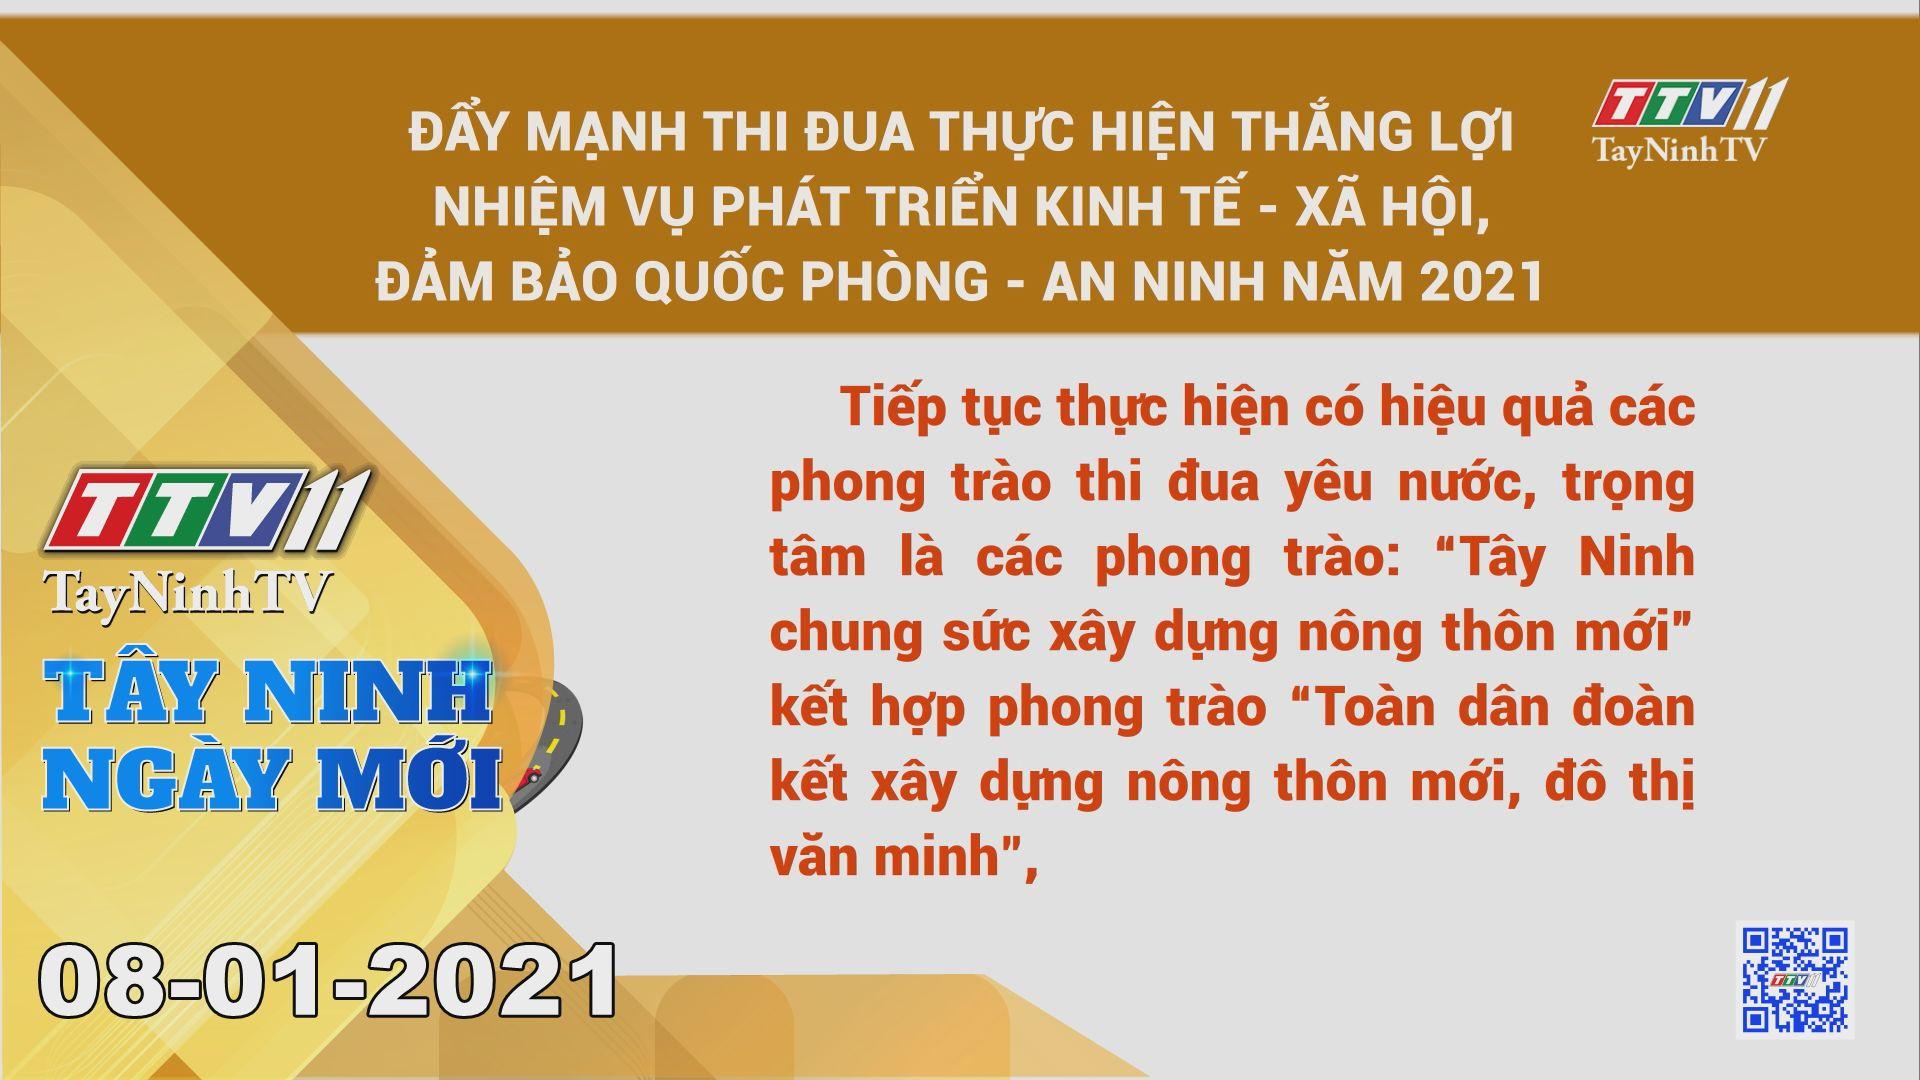 Tây Ninh Ngày Mới 08-01-2021 | Tin tức hôm nay | TayNinhTV